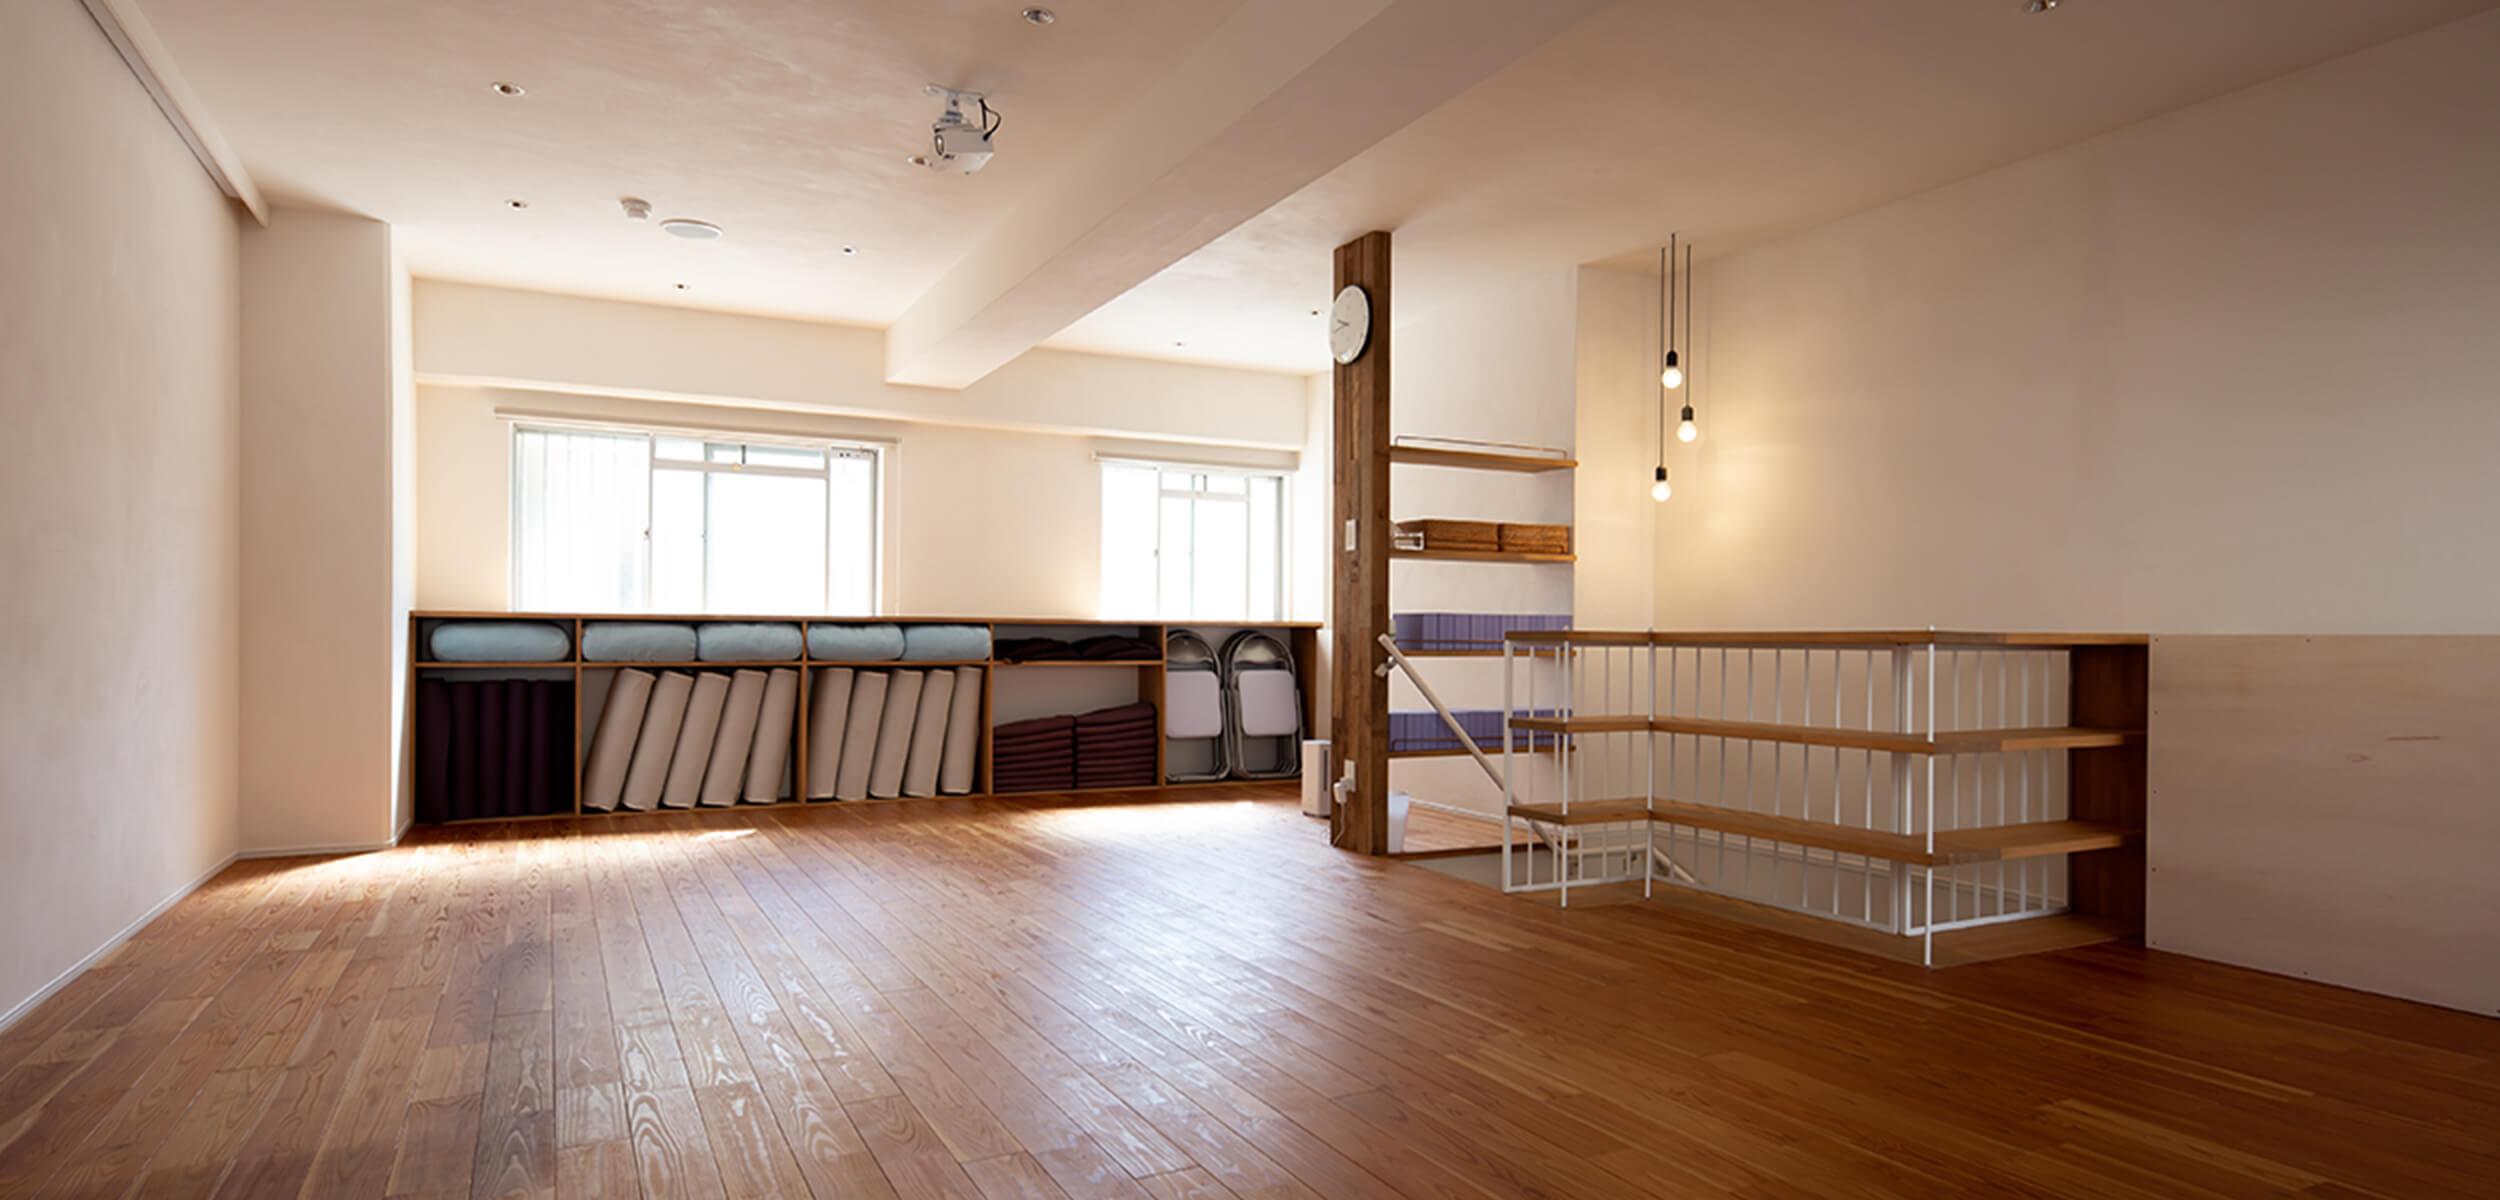 Nadi Yoga Studio